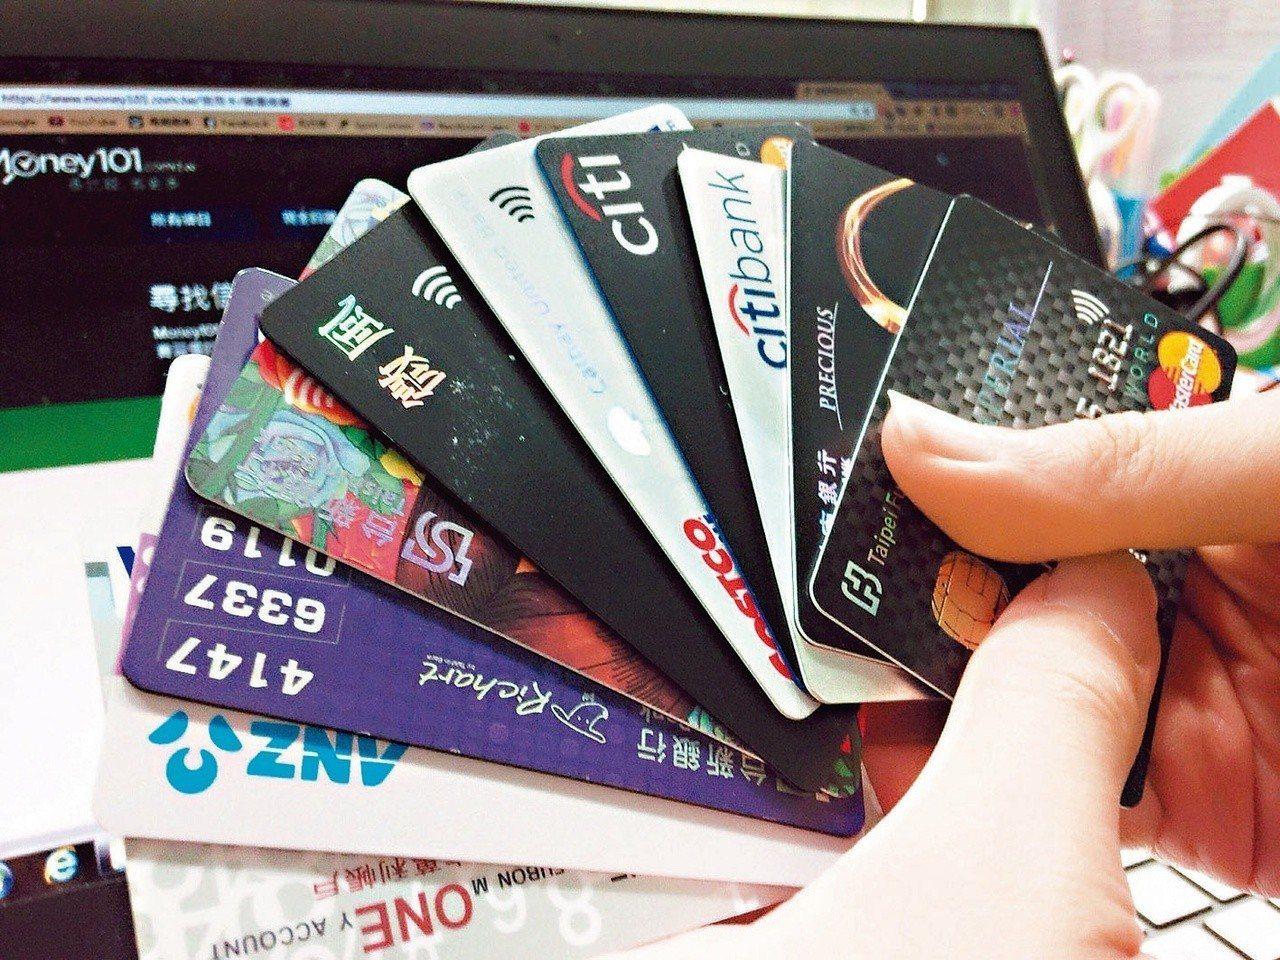 今年納稅人刷卡繳稅時點落在5月下旬,帳列6月,致使今年6月國人刷卡金額再攀高。 ...